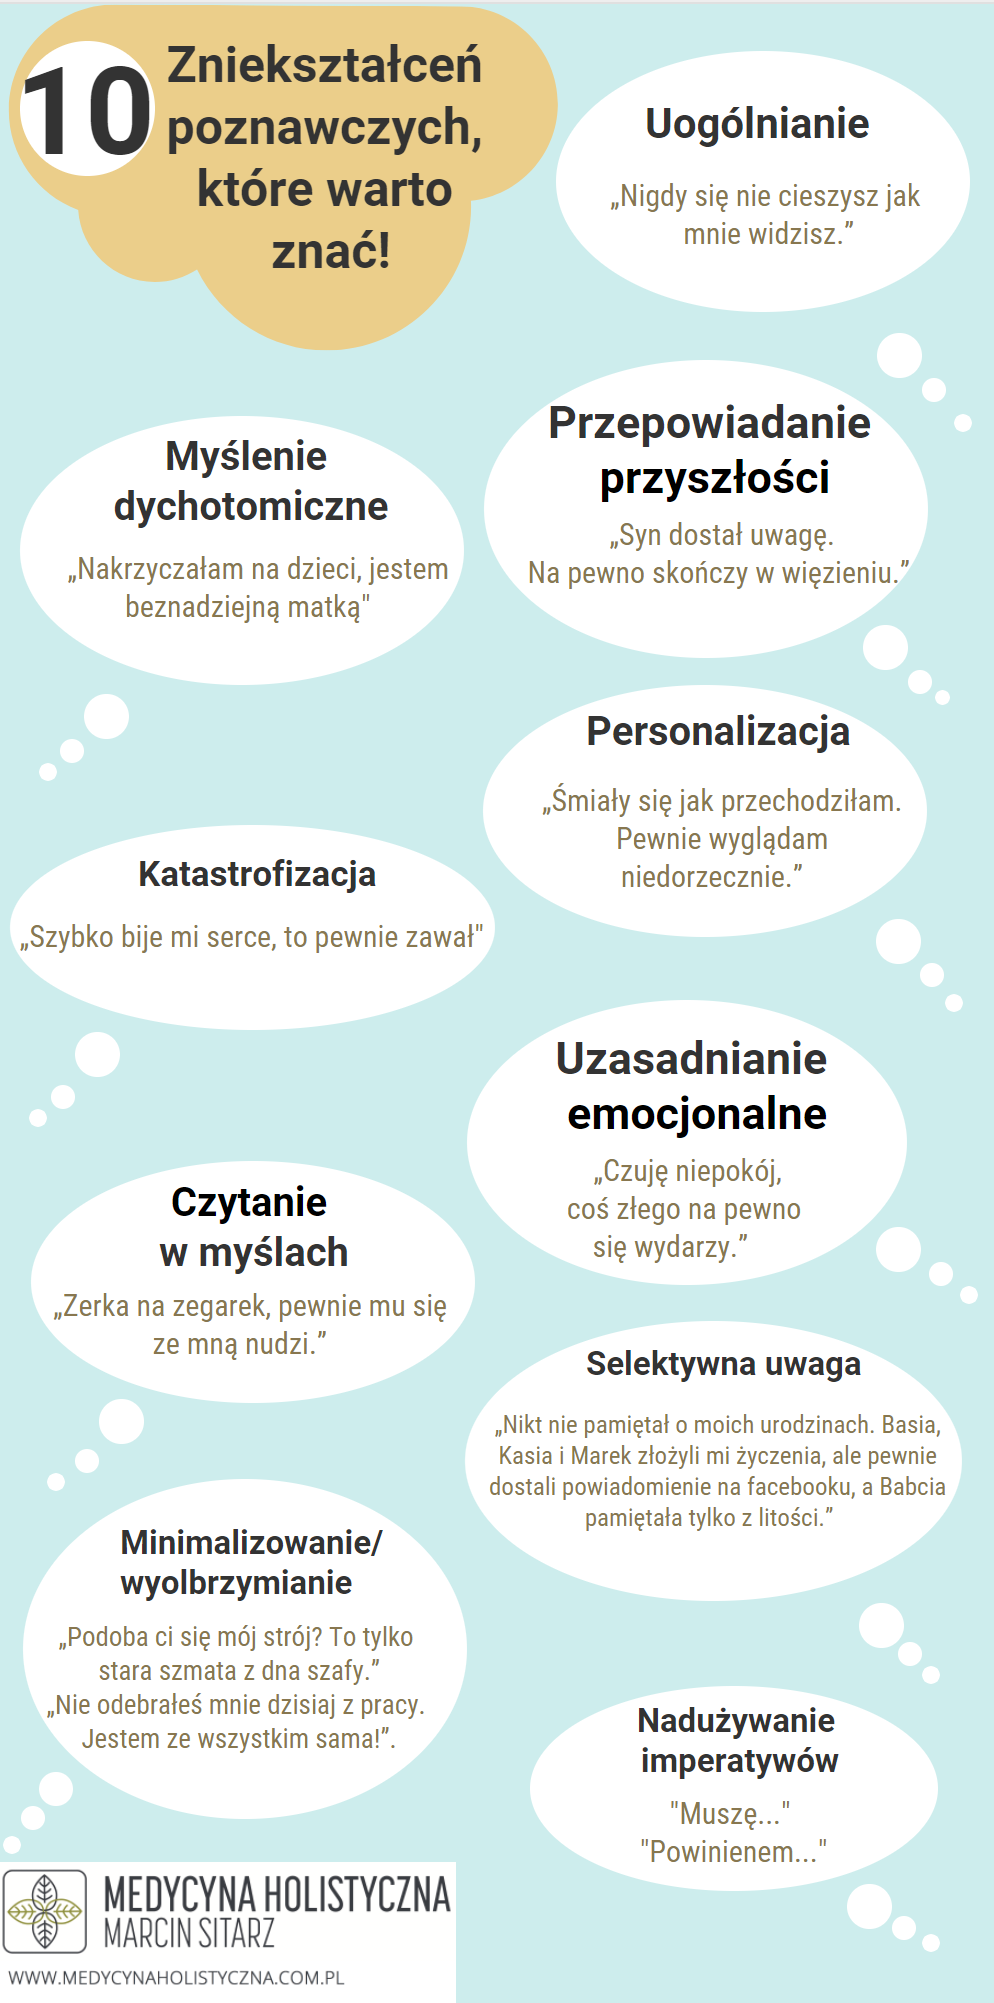 Zniekształcenia poznawcze infografika